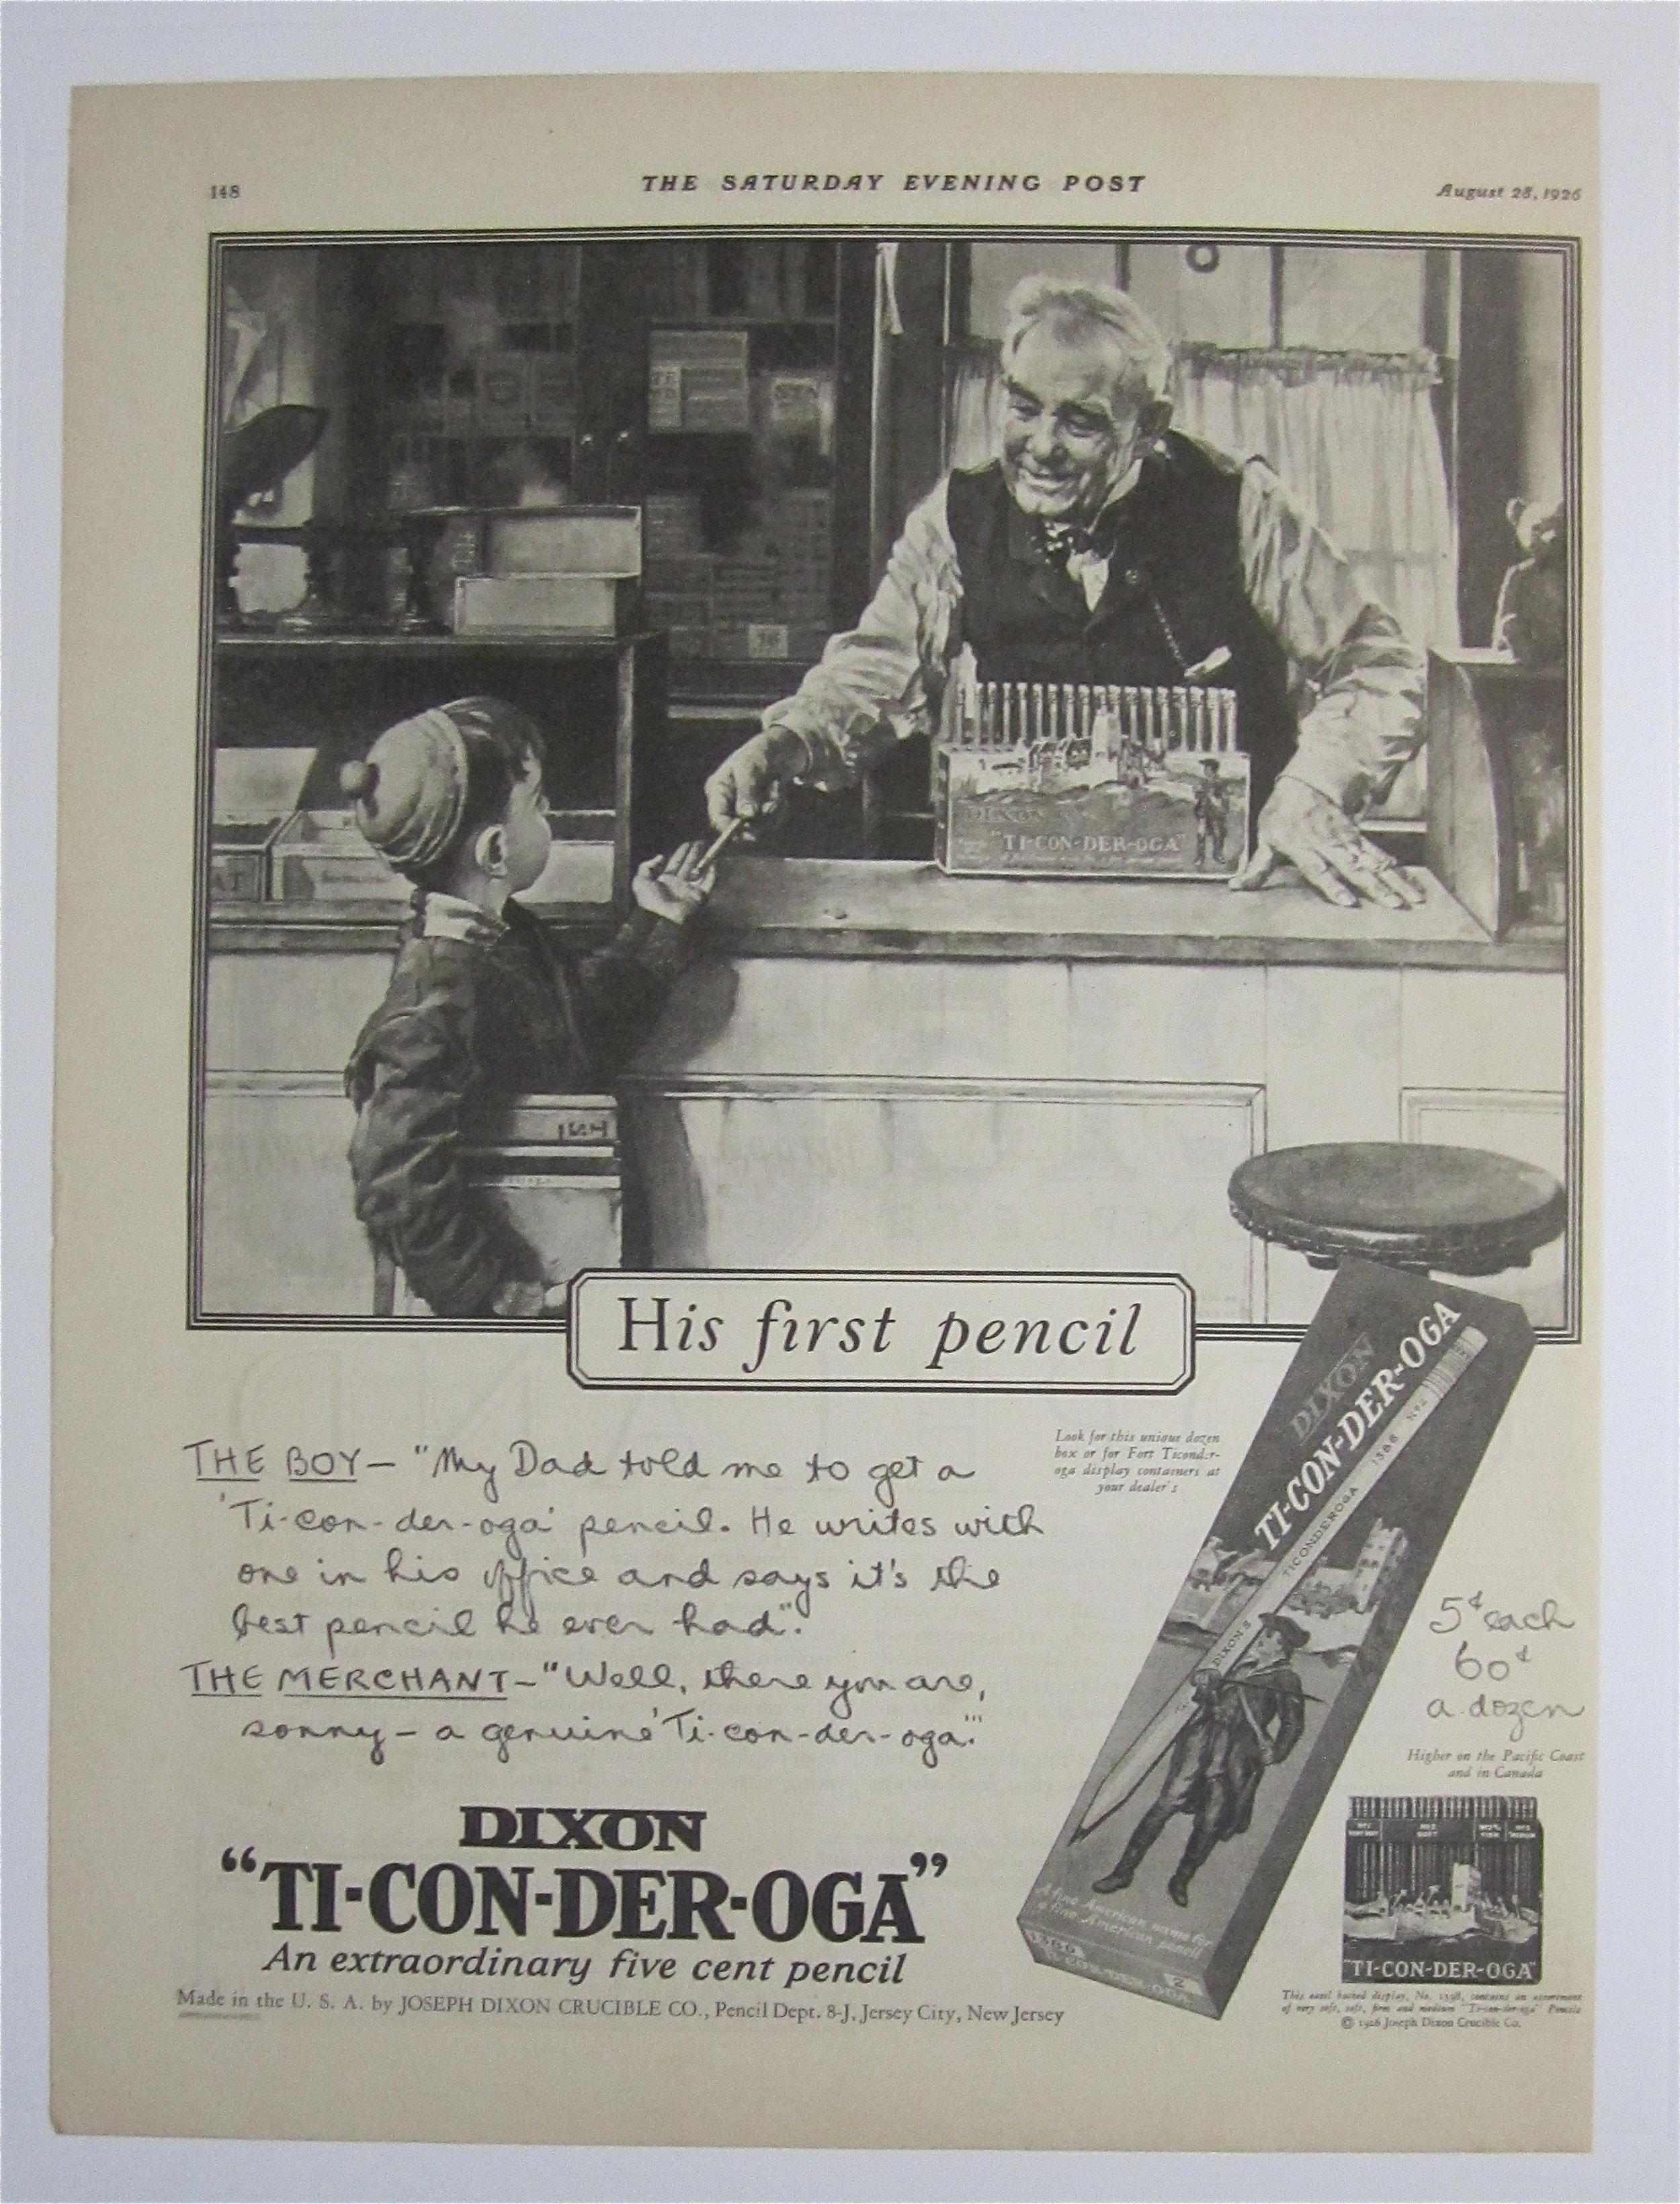 dixon-ticonderoga-vintage-ads-7.jpg